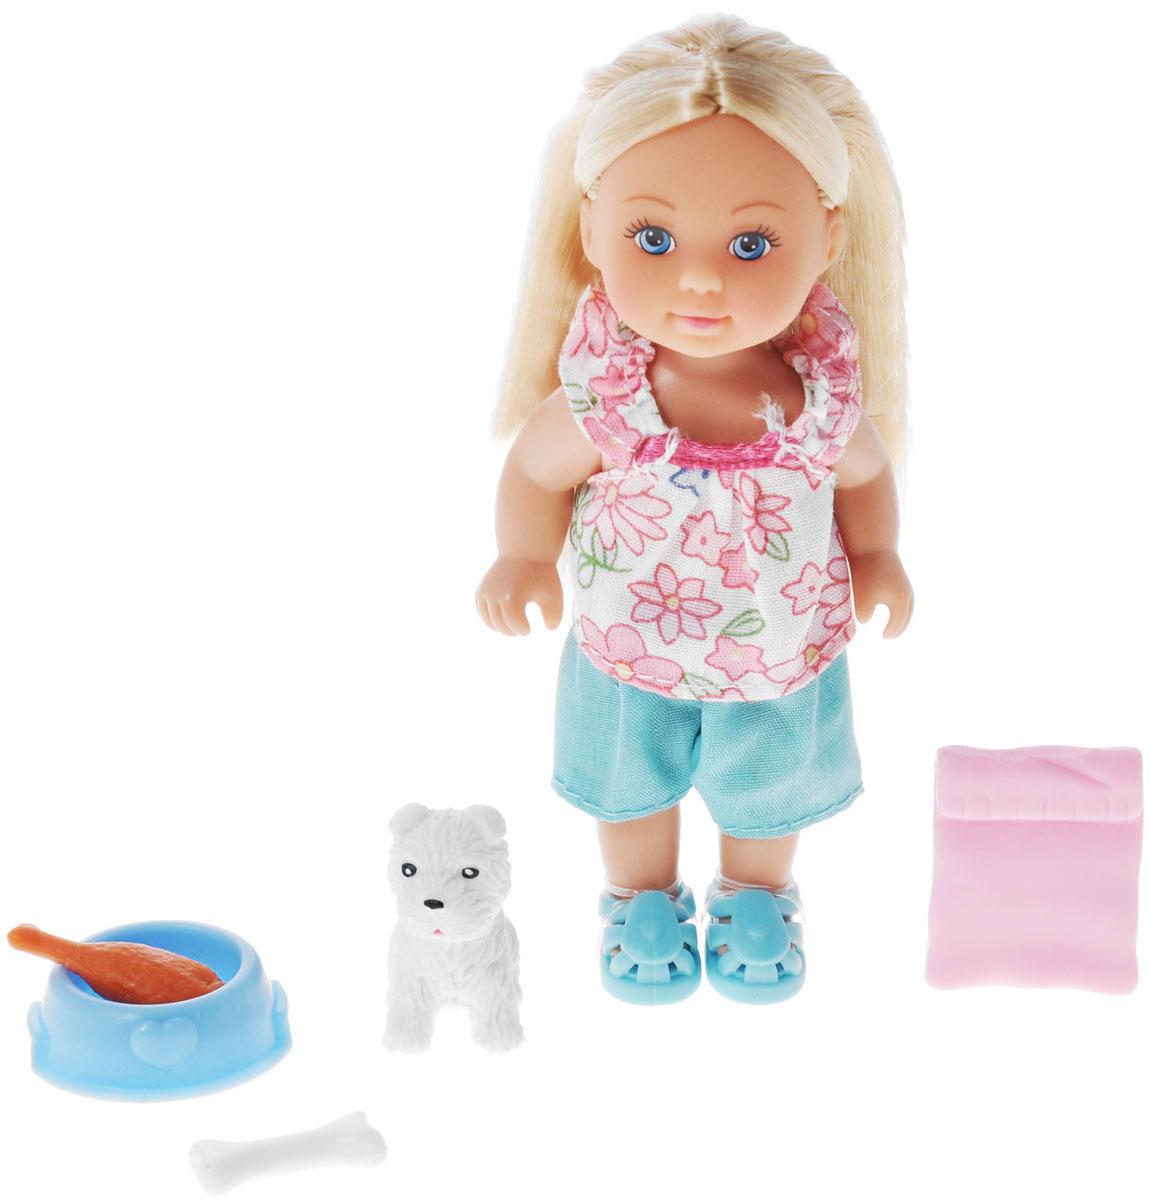 Simba Игровой набор с мини-куклой Еви с собачкой5734830_белая собачкаИгровой набор Еви с собачкой не оставит равнодушной ни одну девочку. Крошка Еви играет со своей любимой белой собачкой. Куколка с длинными светлыми волосами одета в кофточку и бирюзовые шортики, на ножках - ботиночки в тон к шортиками. Одежда и обувь у куколки снимаются. Набор включает куклу, собачку и аксессуары для игры. Благодаря маленьким размерам элементов набора ваша малышка сможет брать его с собой на прогулку или в гости. Порадуйте ее таким замечательным подарком!